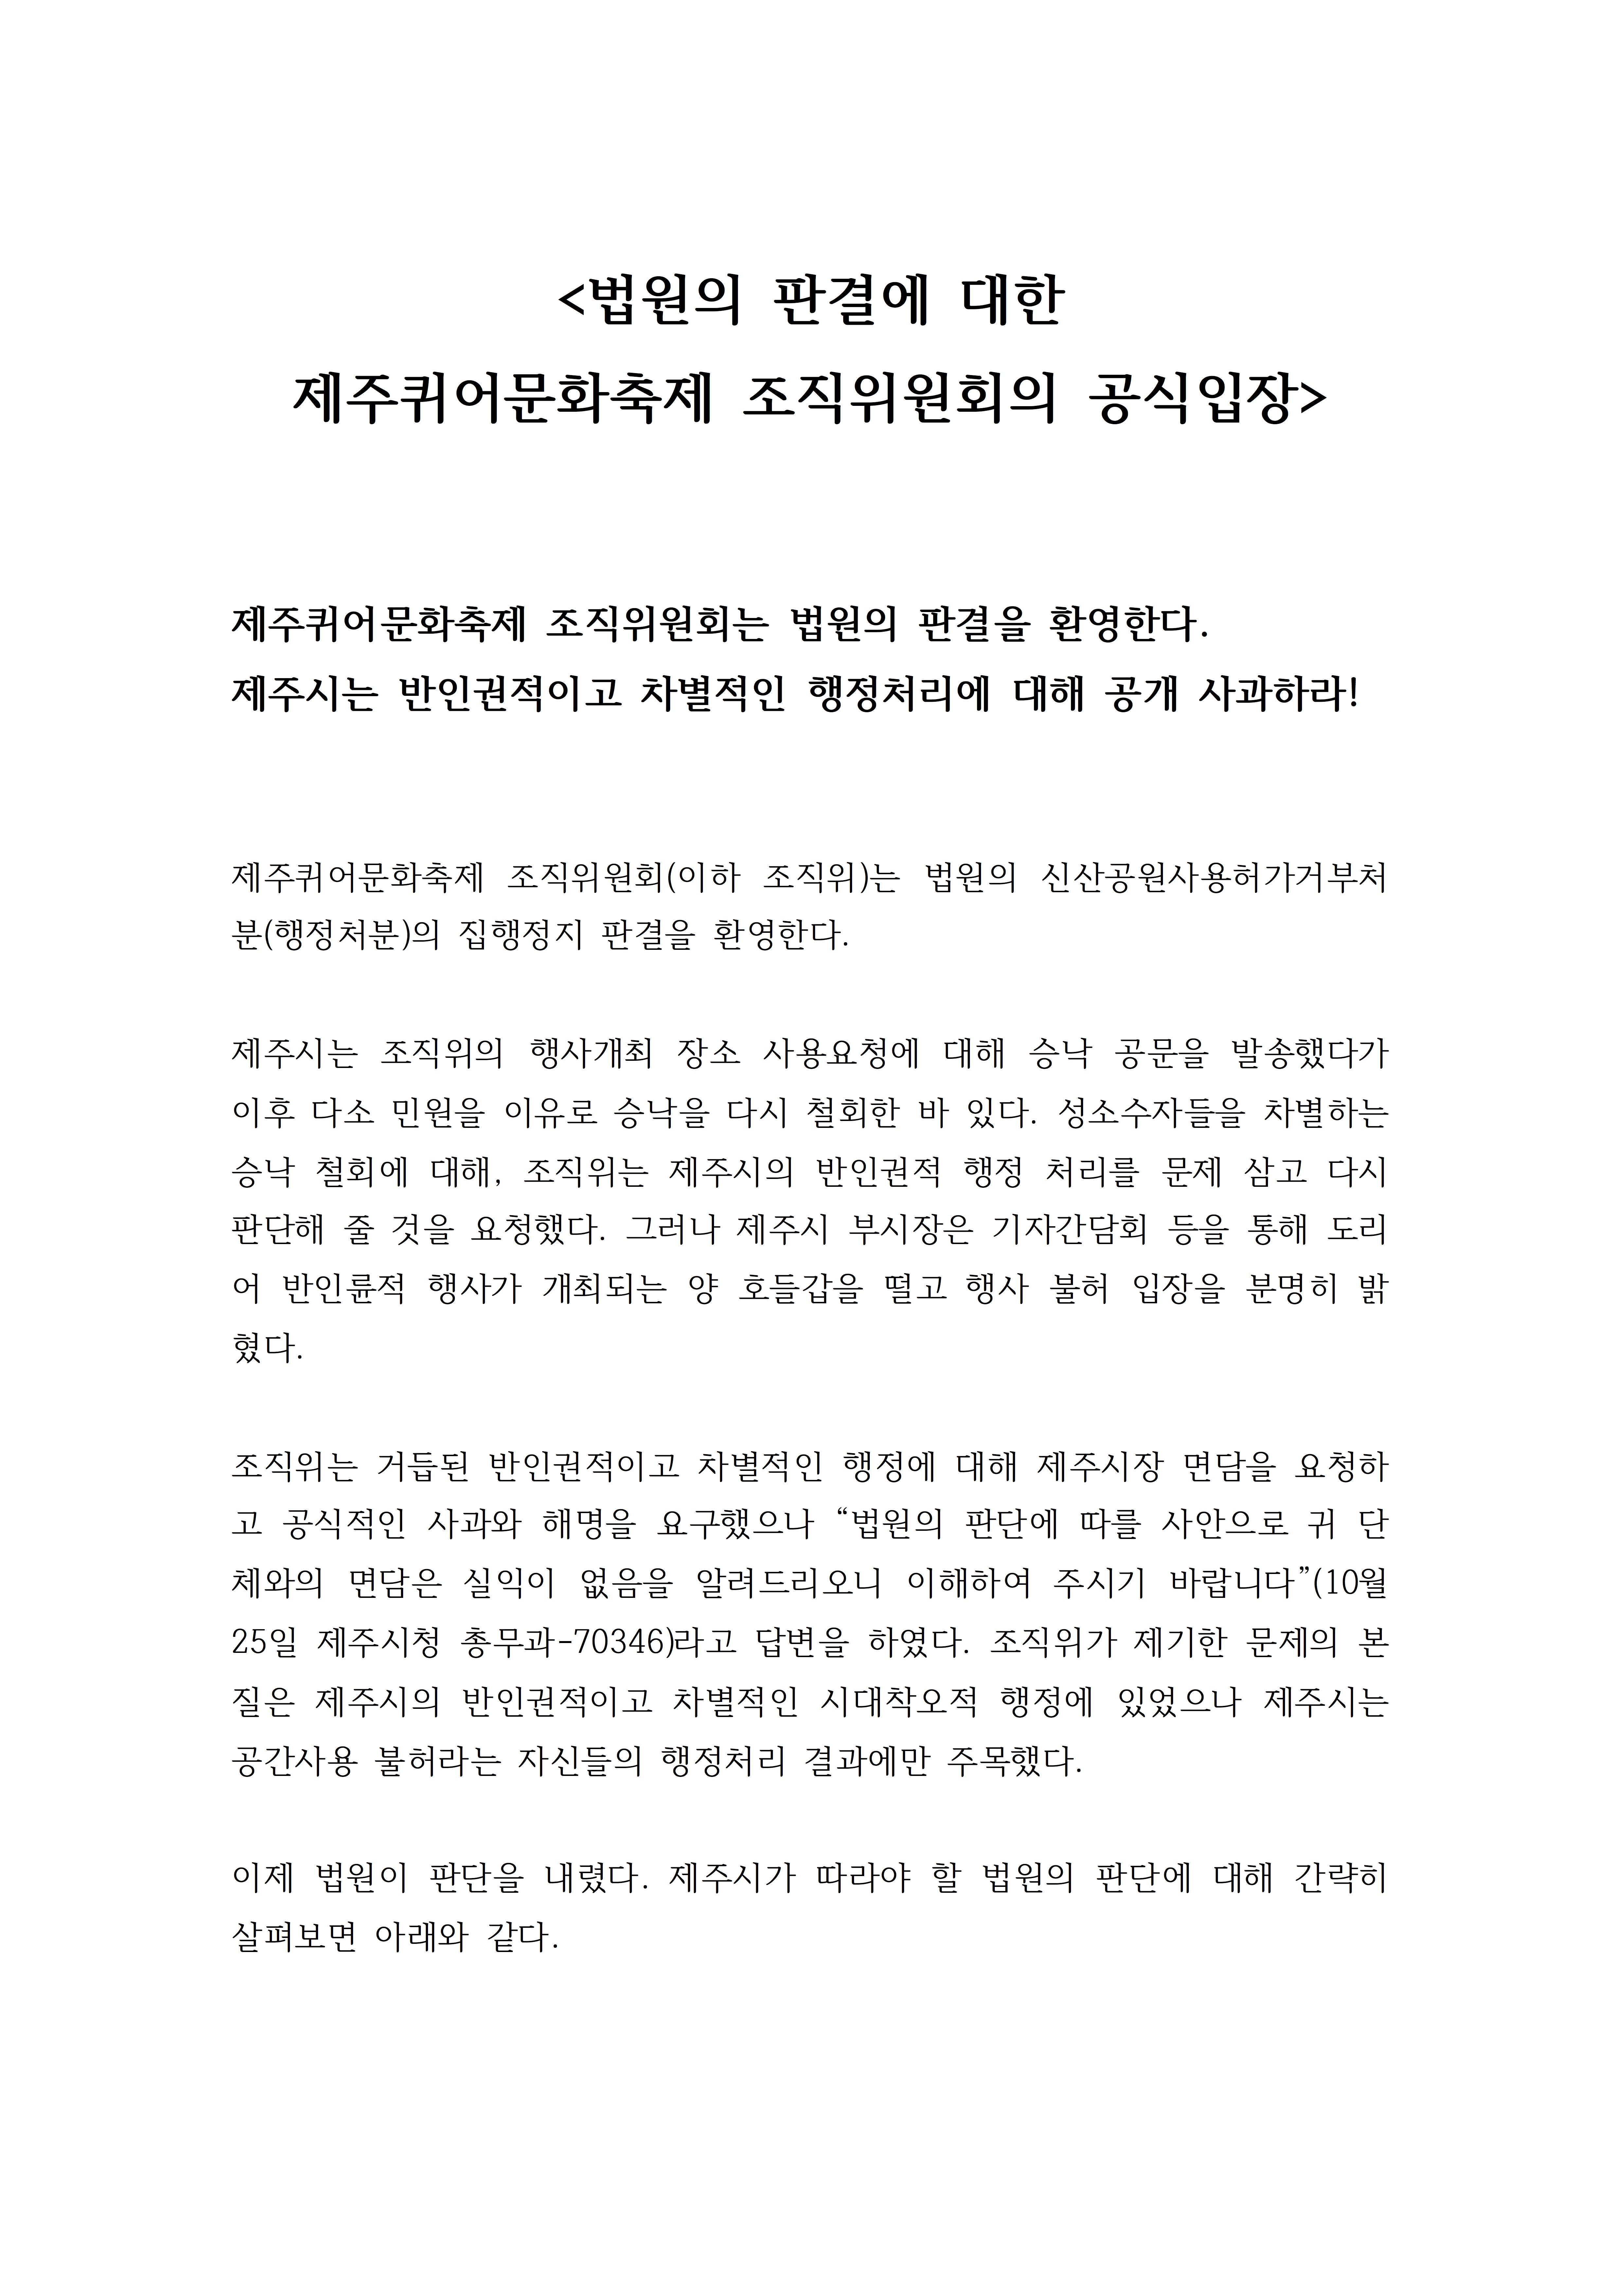 <법원의 판결에 대한 제주퀴어문화축제 조직위원회의 공식입장>